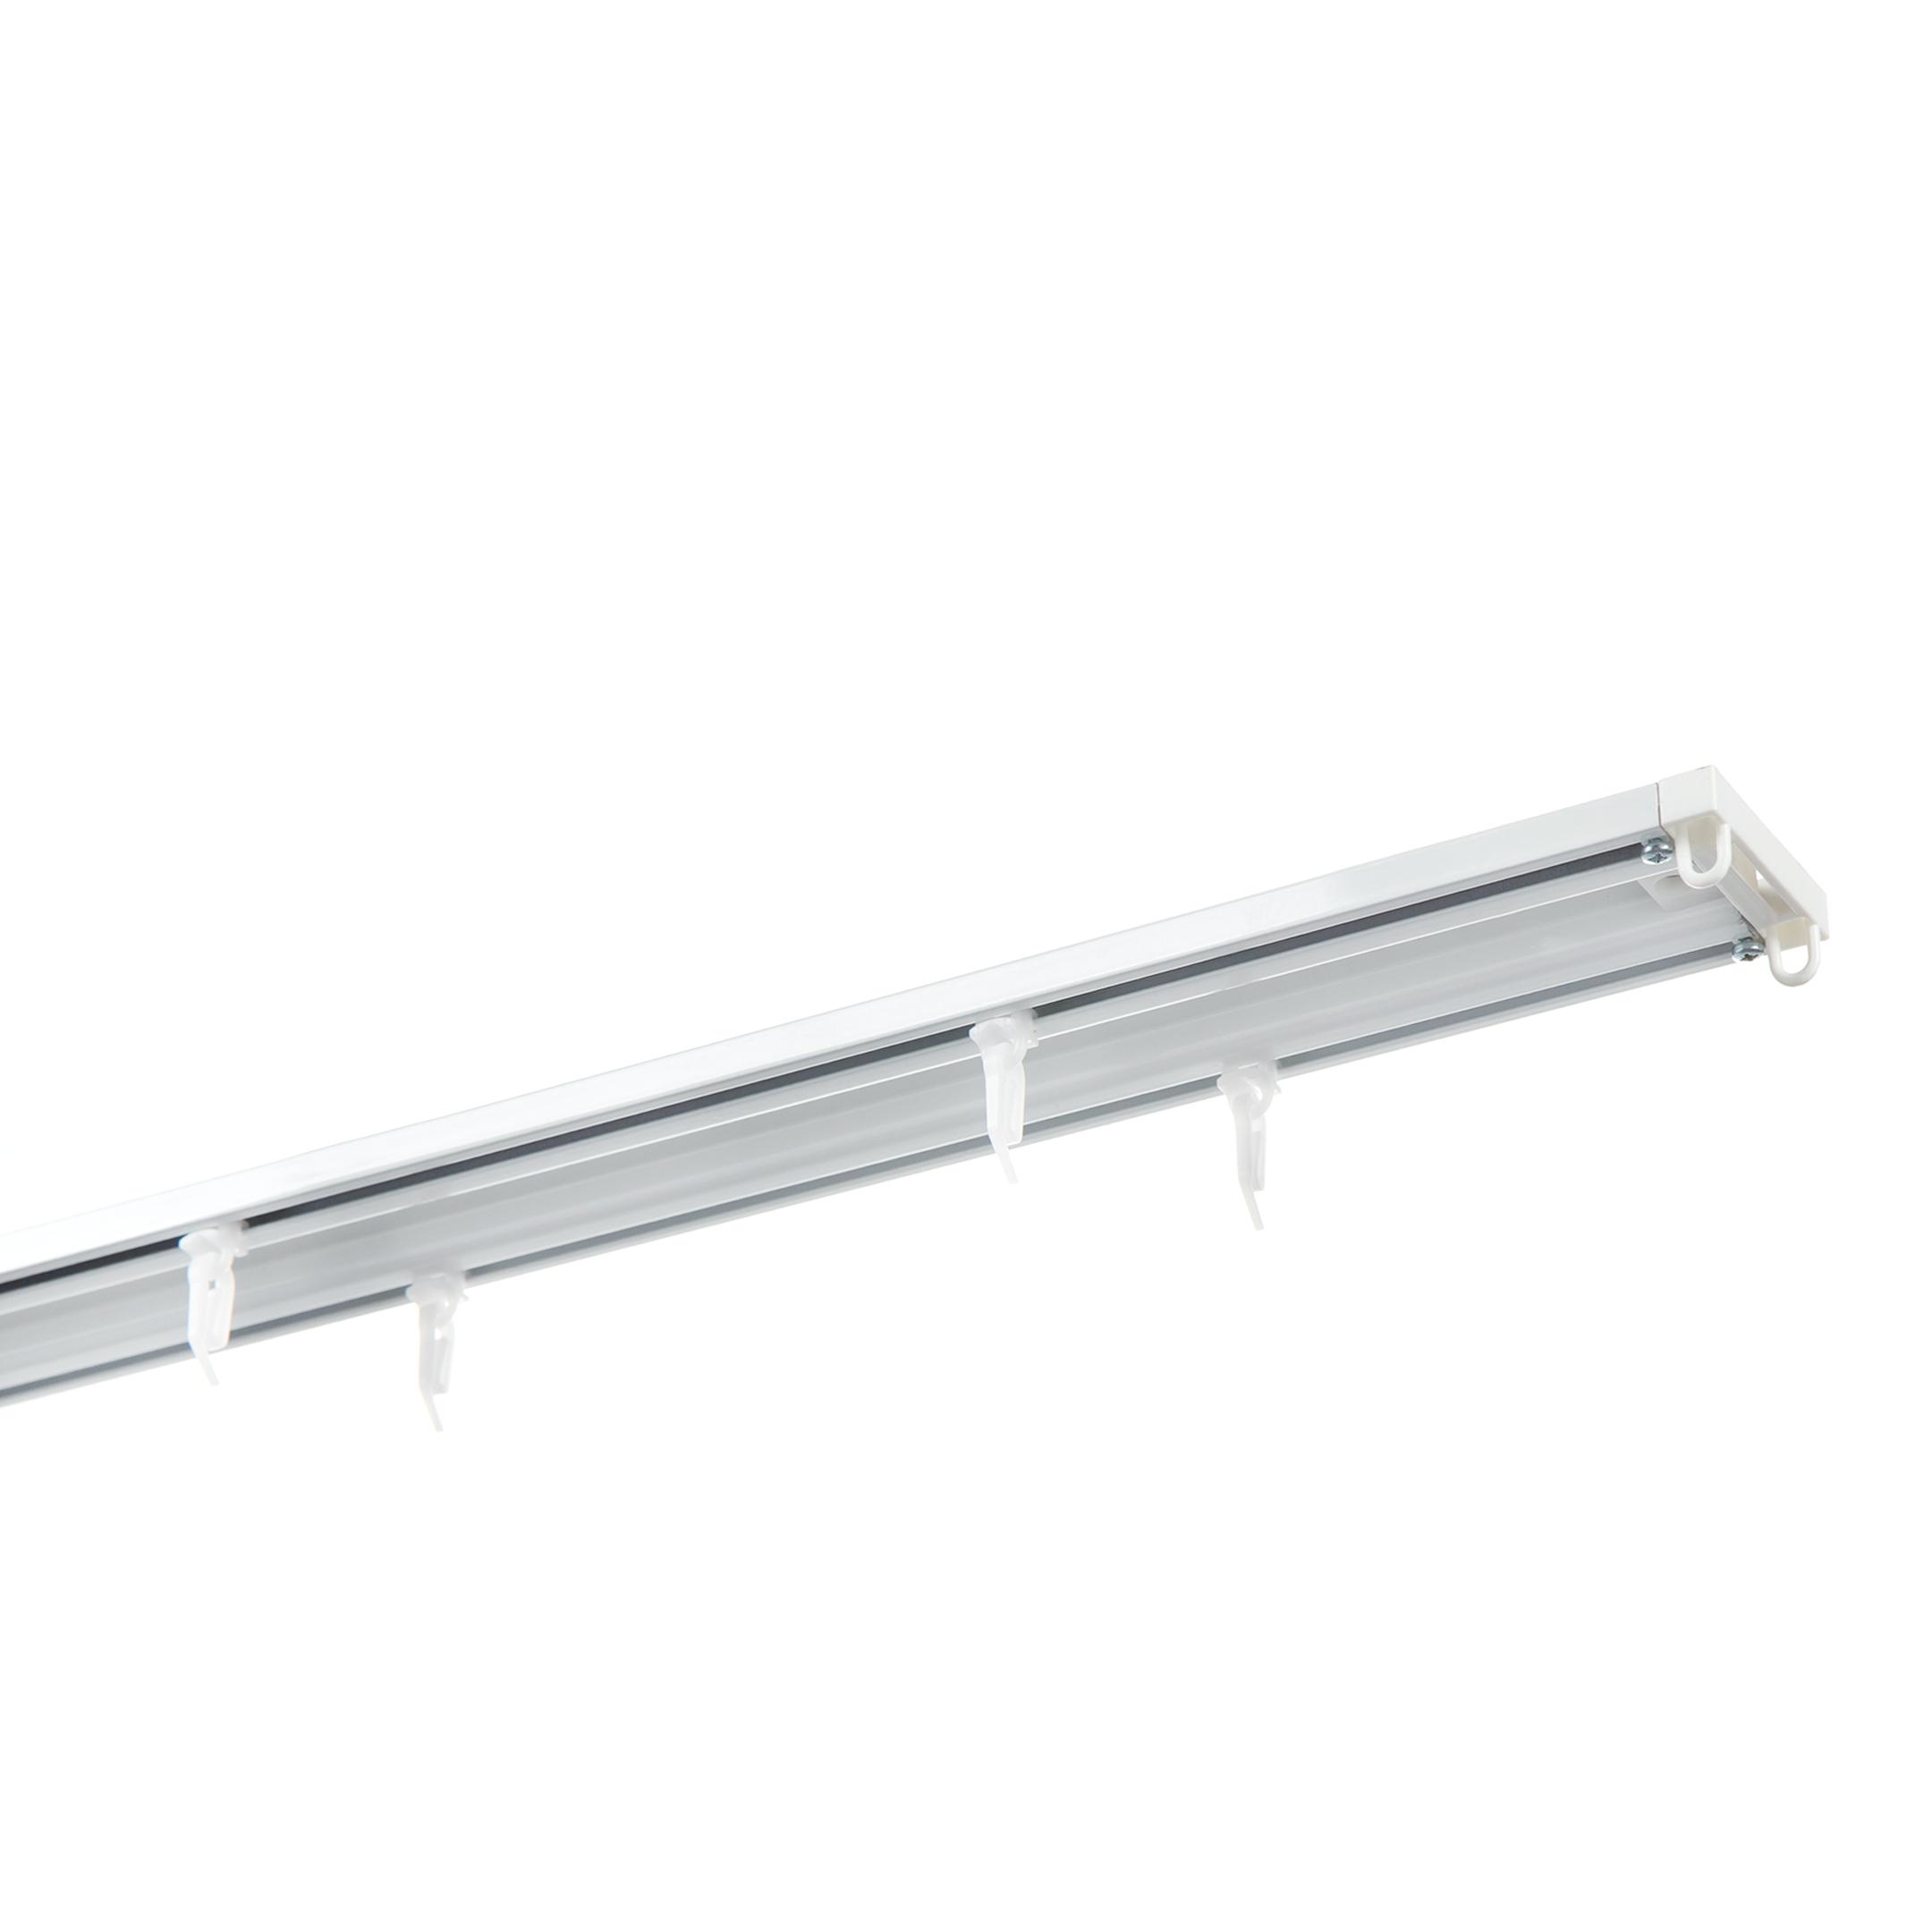 Фото - Карниз потолочный алюминиевый двухрядный 300 см белый бегунок производитель hans pries 300124755